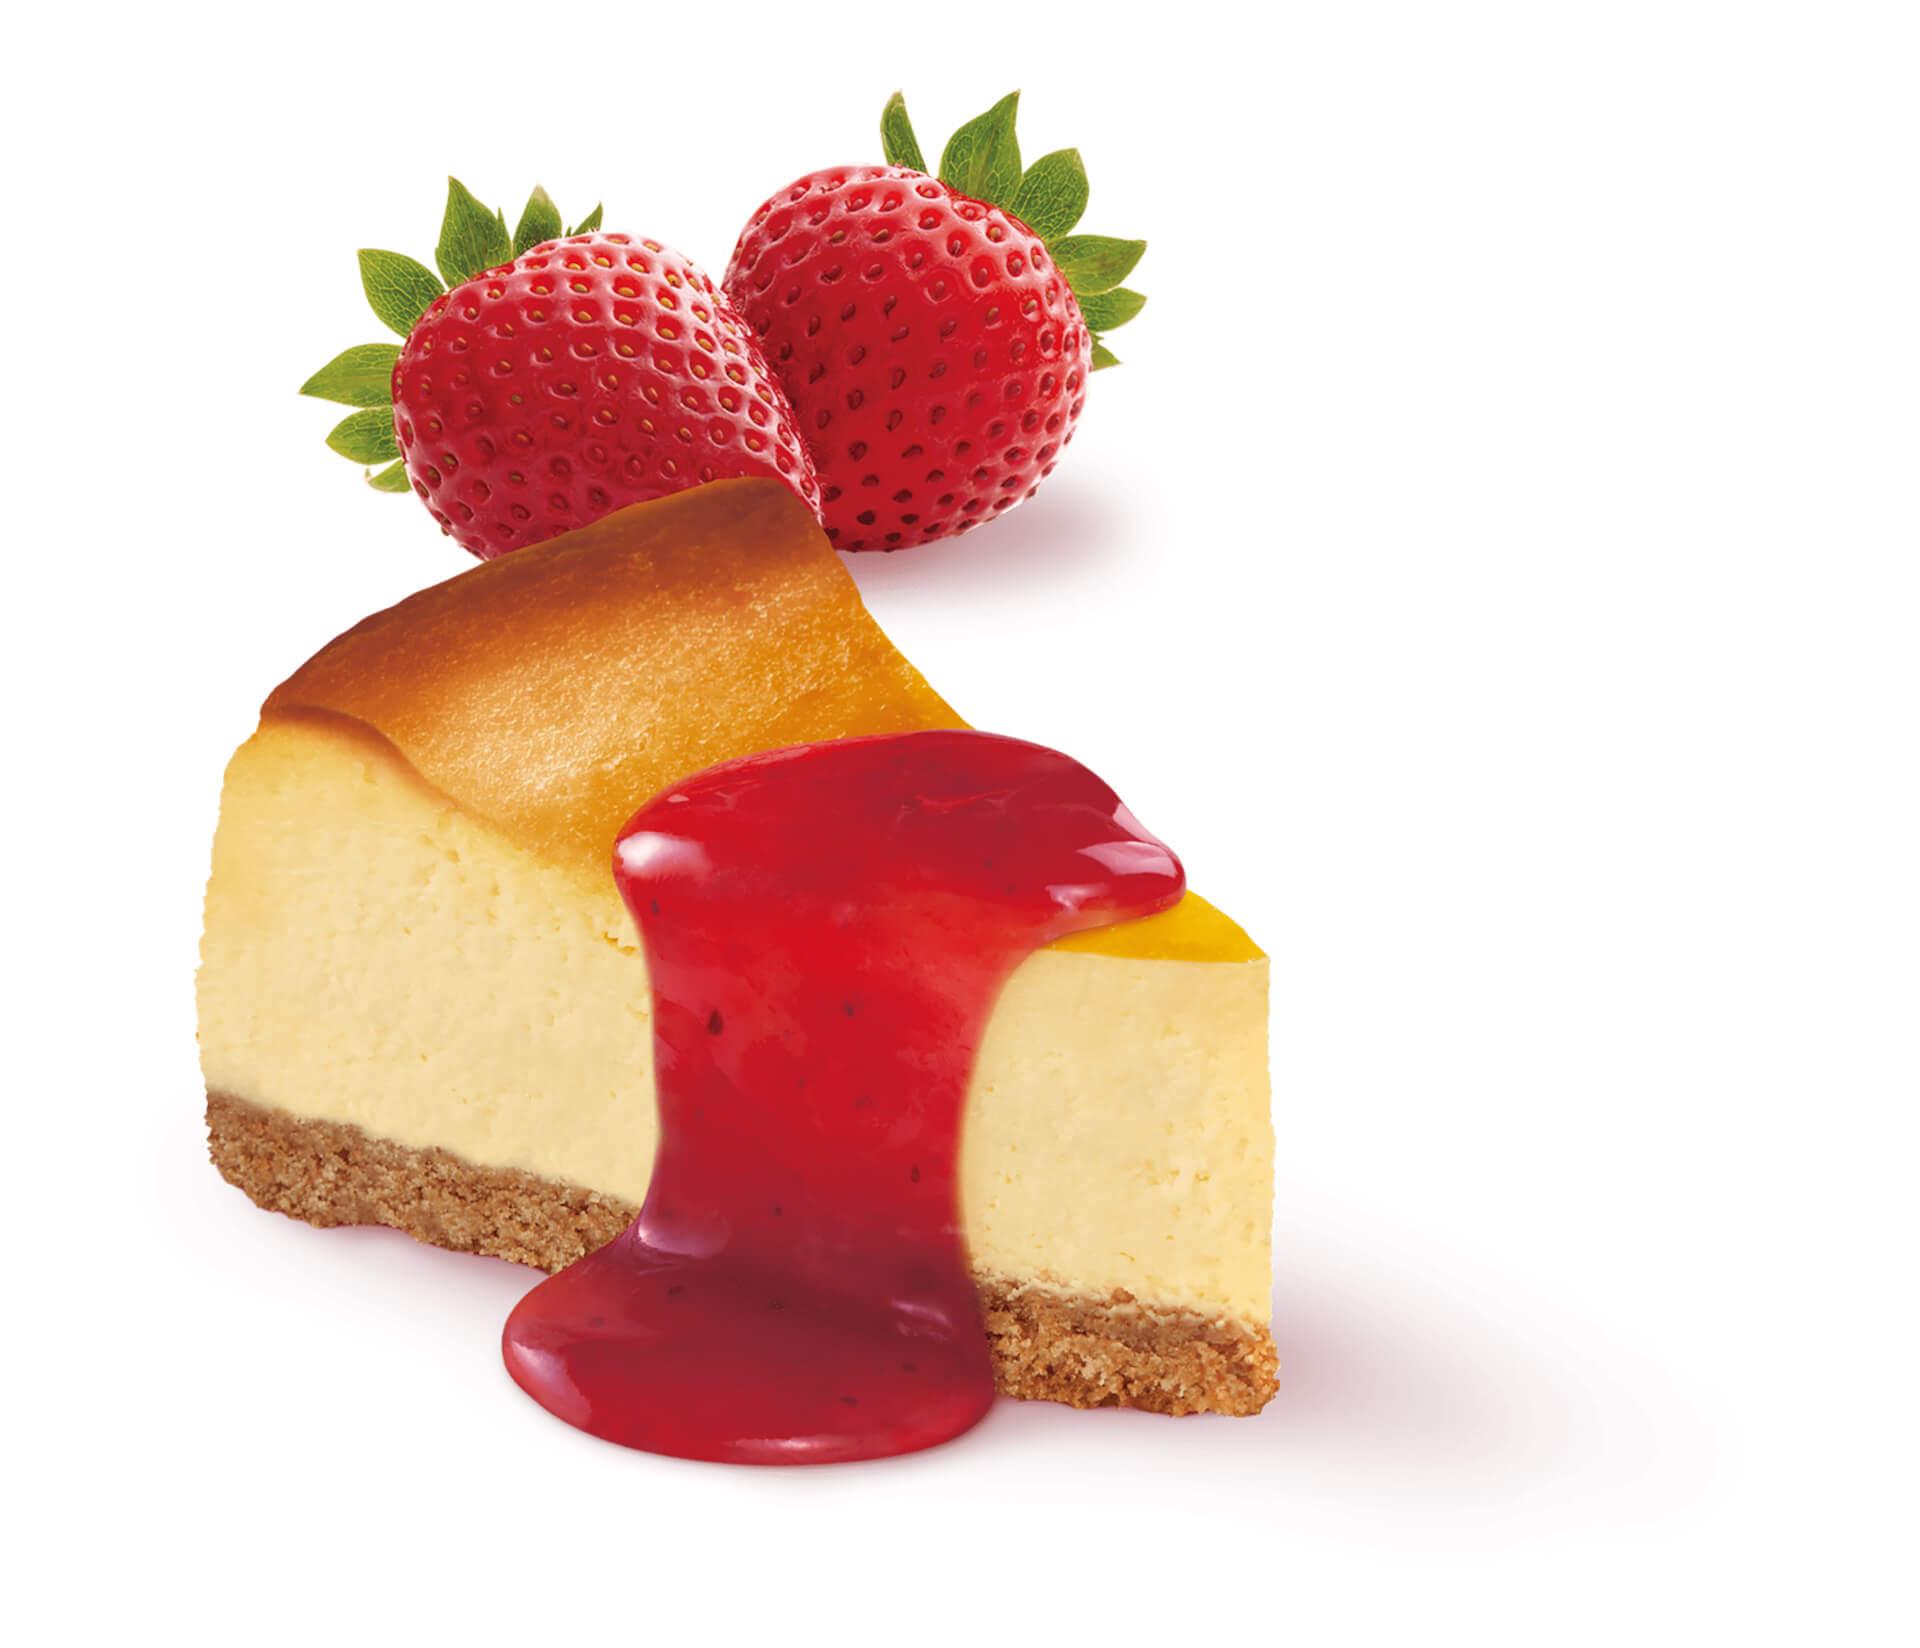 ハーゲンダッツの新フレーバー『ストロベリーチーズケーキ』が期間限定で登場!Twitterでアイスクリーム詰め合わせがもらえるキャンペーンも gourmet210125_haagendazs_10